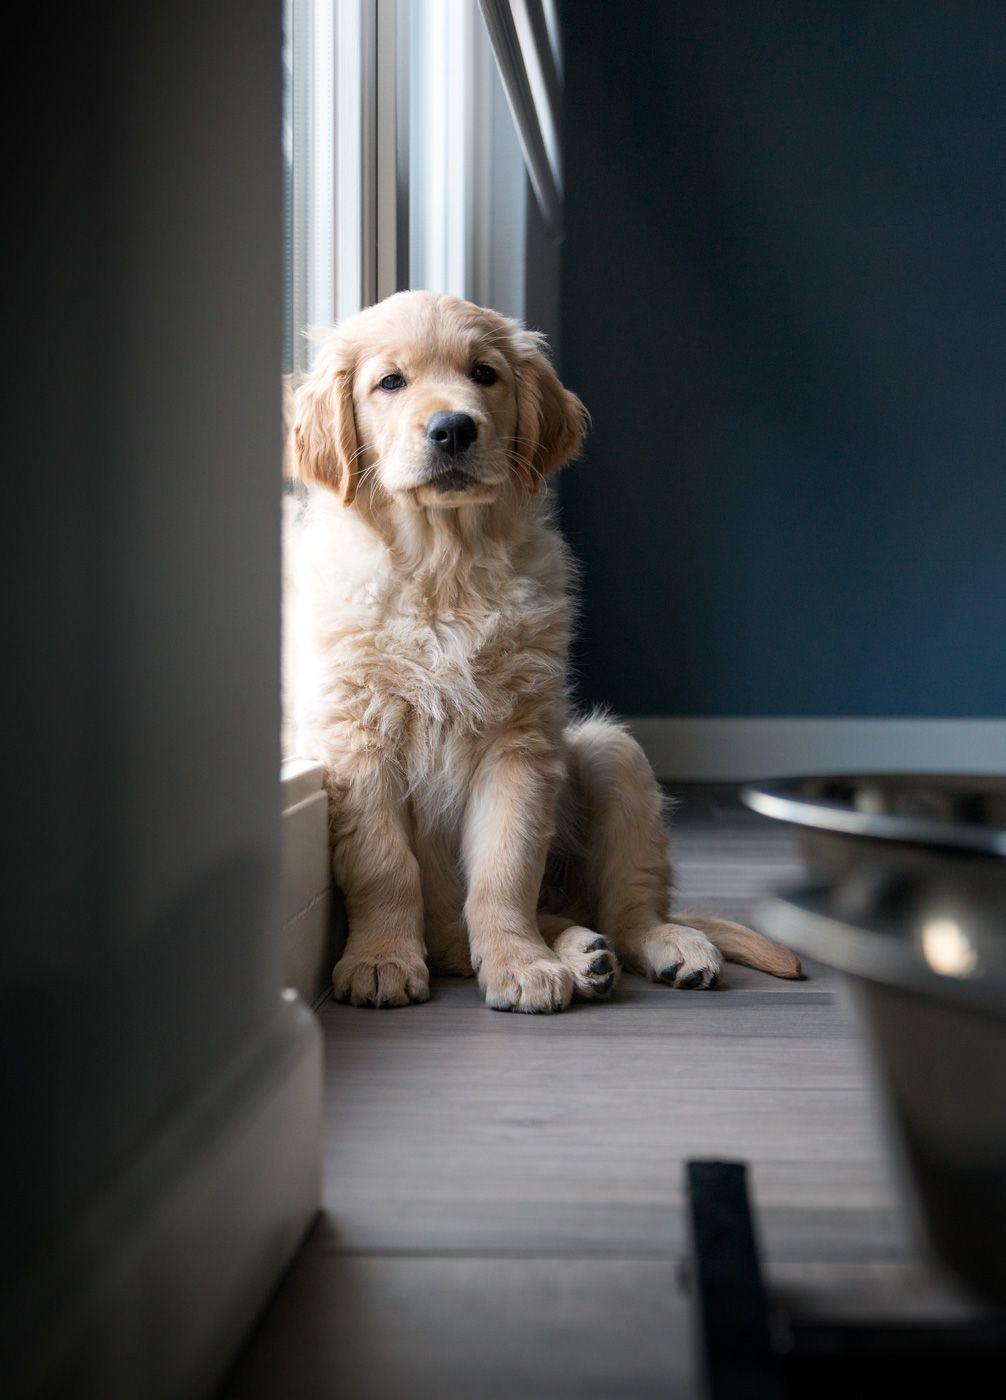 Doran Such A Pretty Golden Aprettypuppy Puppies Retriever Puppy